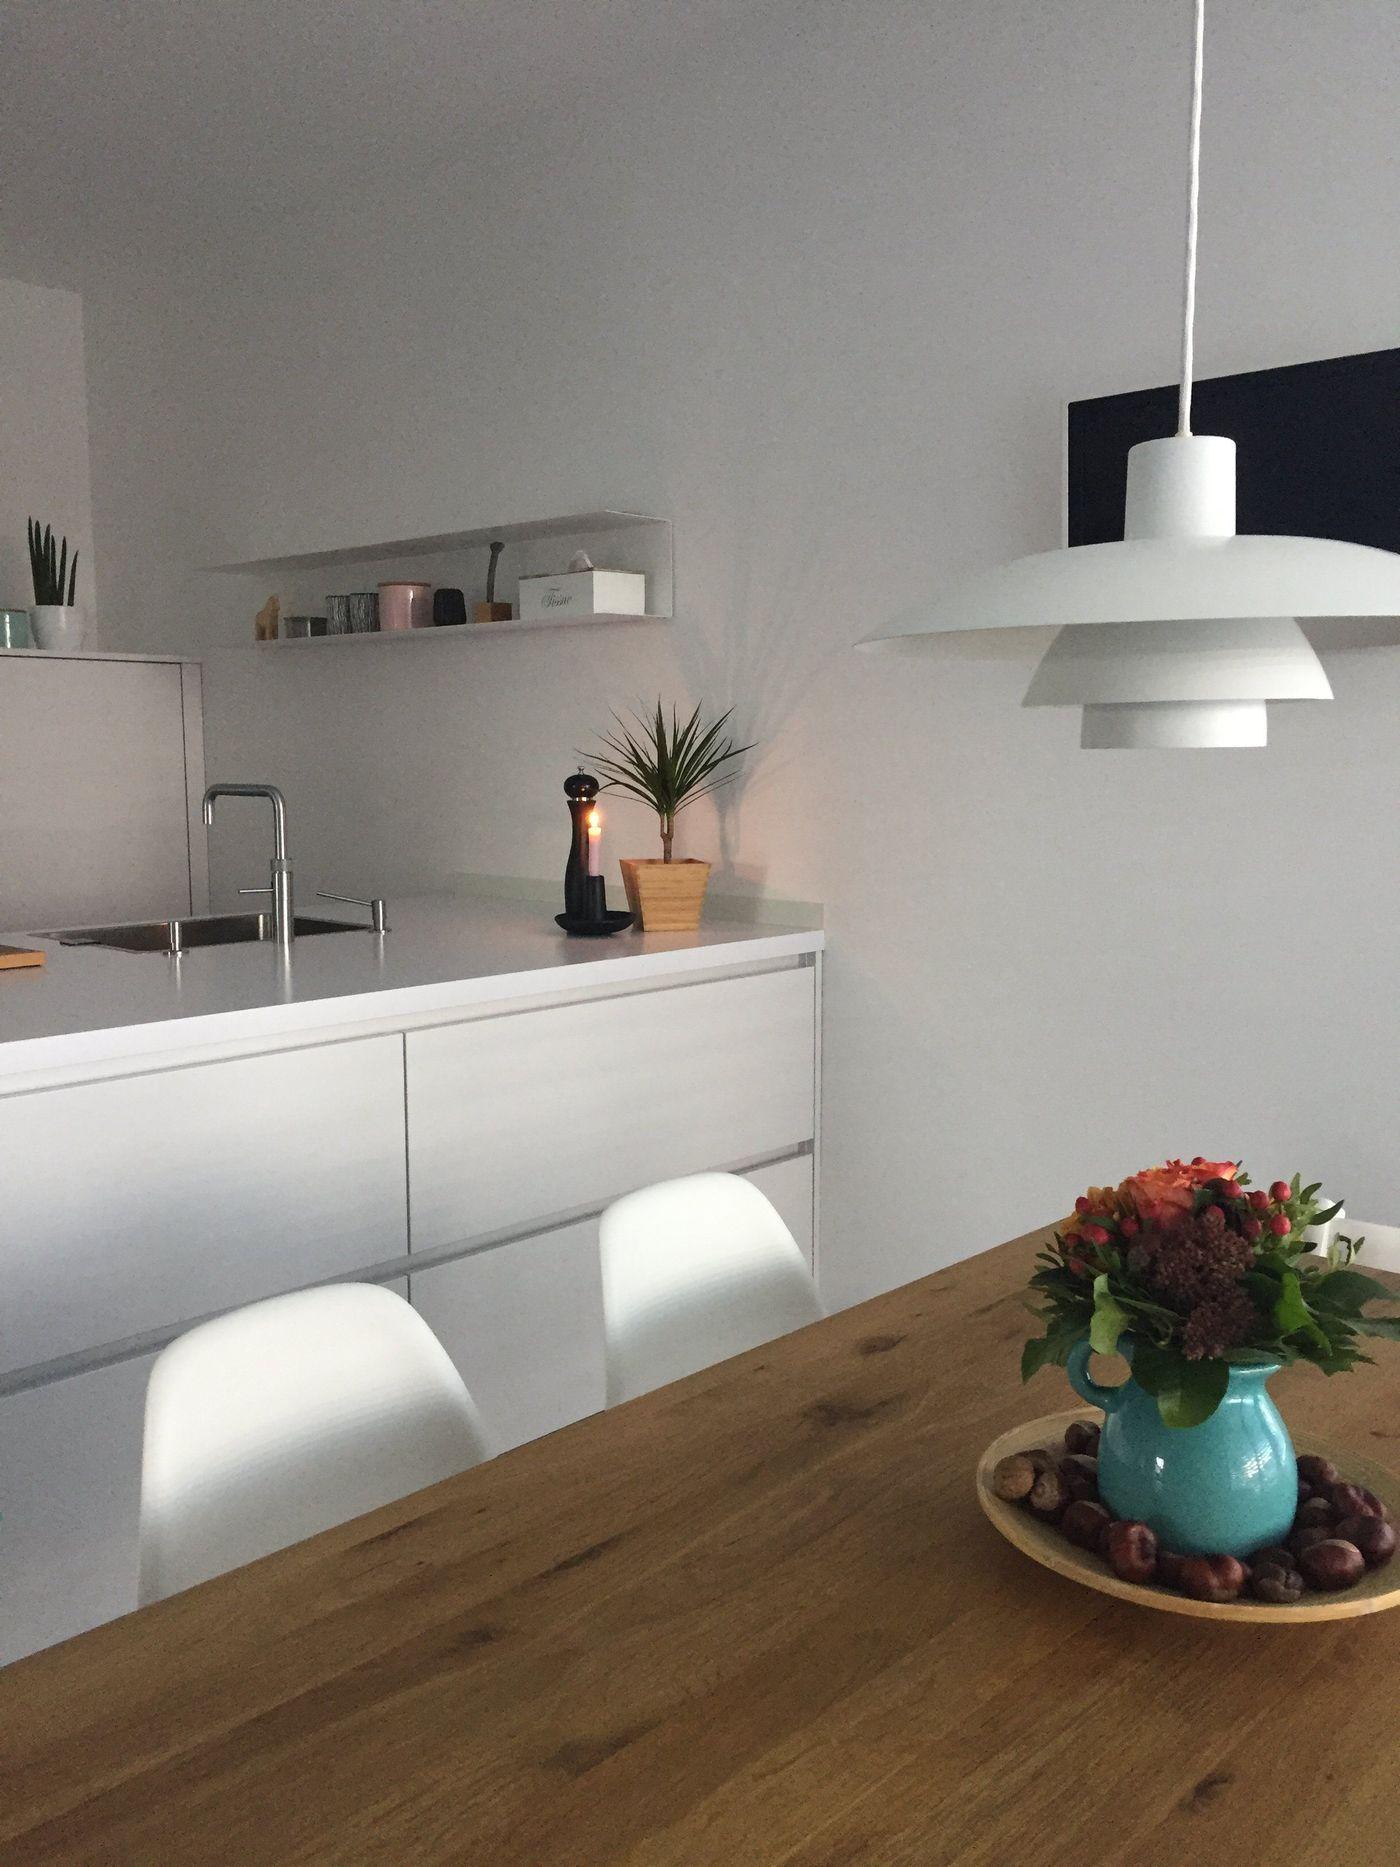 Full Size of Ikea Wandregale Ideen Und Inspirationen Fr Regale Betten 160x200 Küche Kaufen Miniküche Sofa Mit Schlaffunktion Bei Kosten Modulküche Wohnzimmer Ikea Wandregale